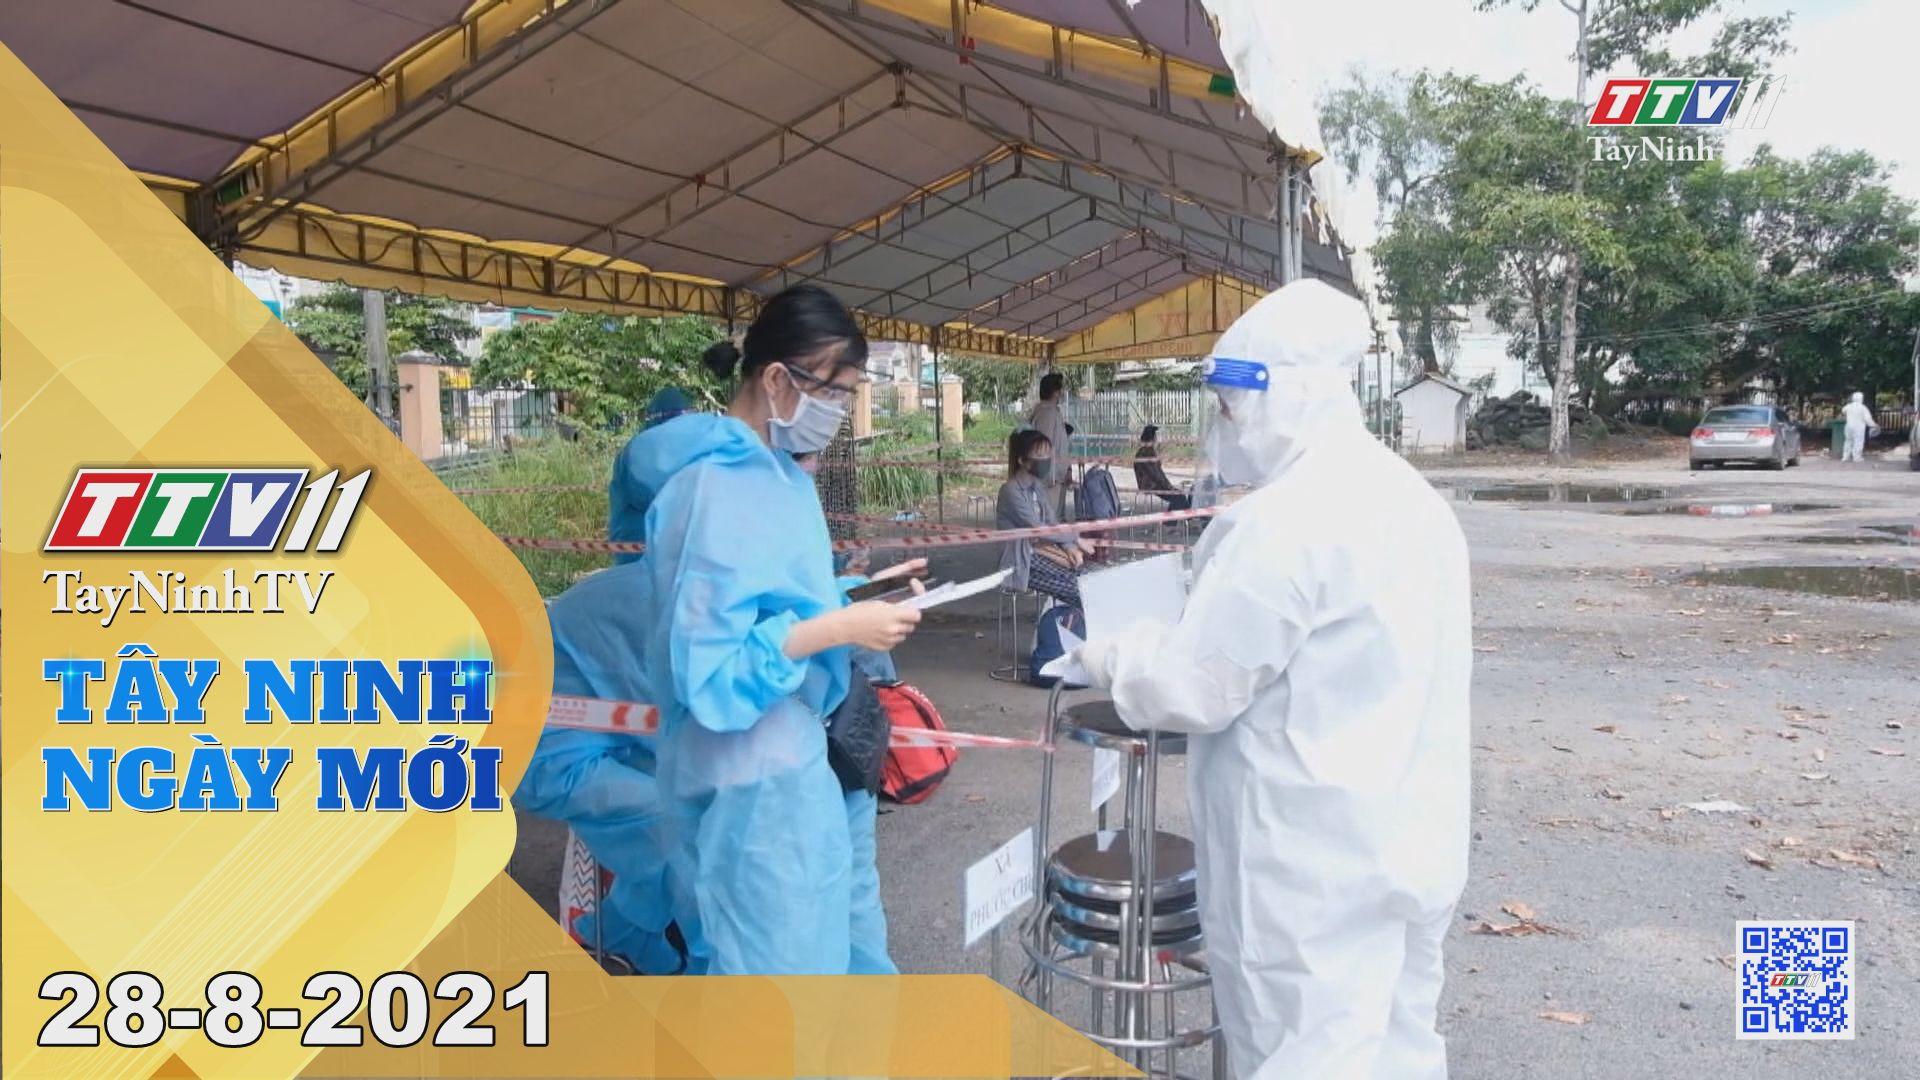 Tây Ninh Ngày Mới 28-8-2021 | Tin tức hôm nay | TayNinhTV